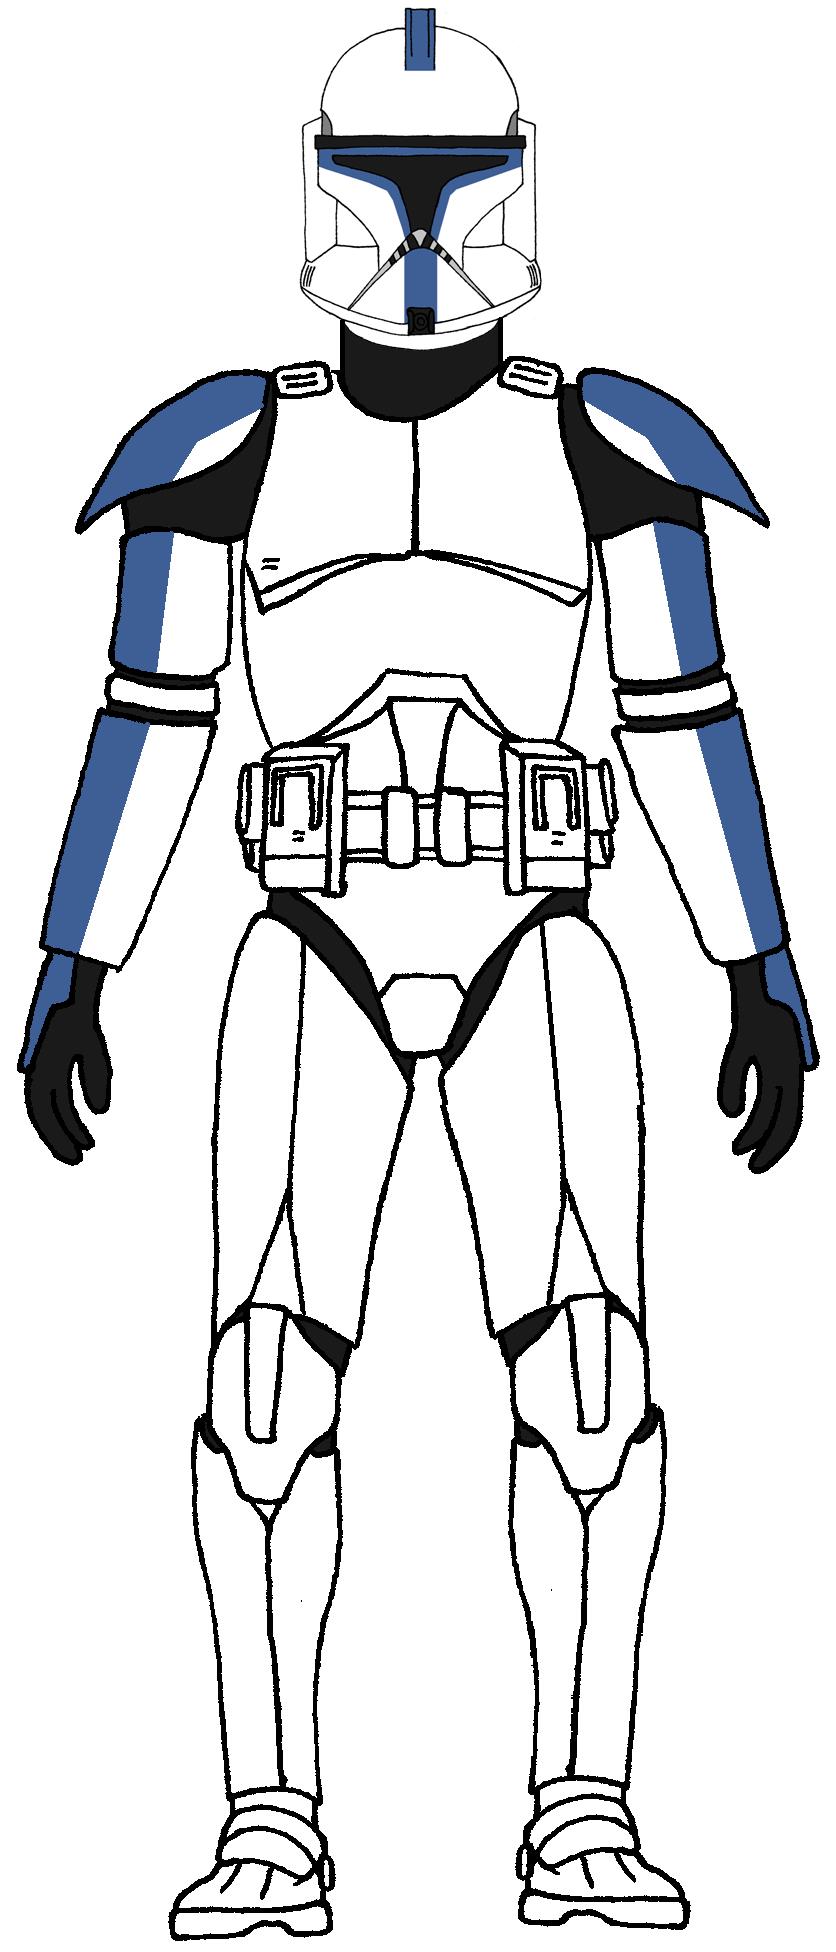 Clone Trooper 501st Legion 1 Star Wars Clone Wars Star Wars Drawings Star Wars Captain